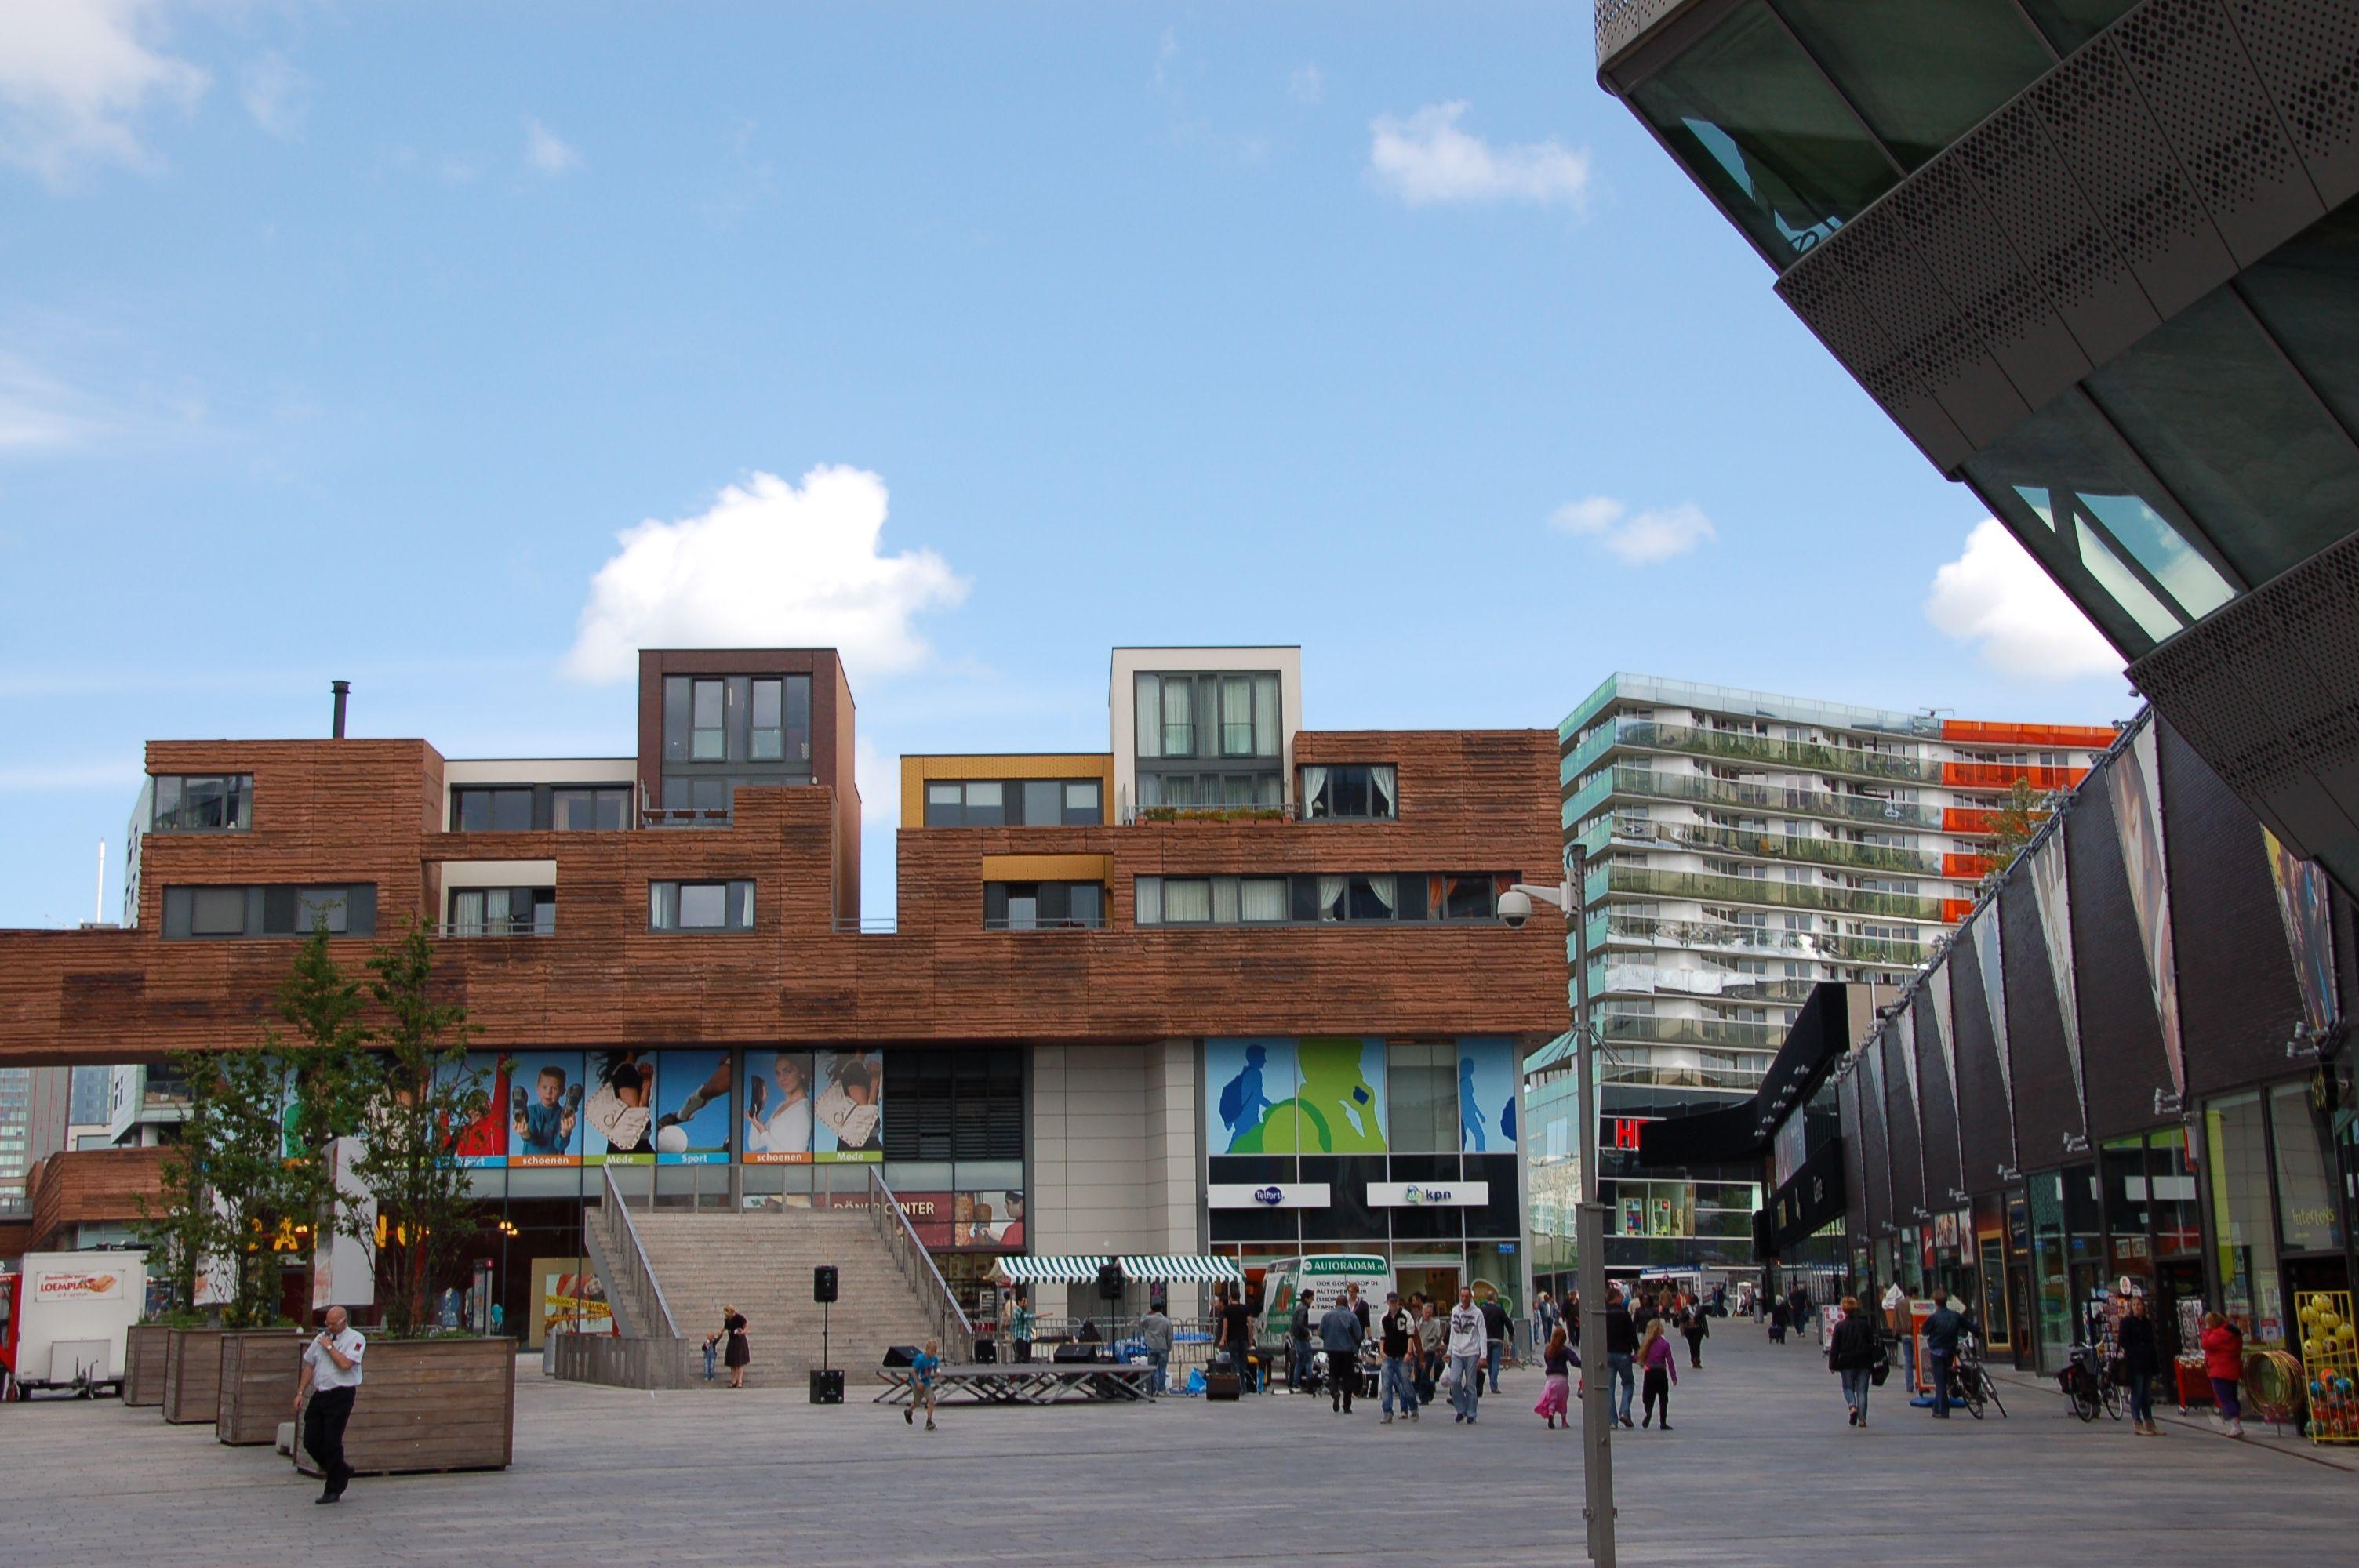 Hybride Architektur: In Rem Koolhaas' Zitadelle stehen die Town-Houses direkt auf dem Shopping-Center. (Bild: Ralf Johnen)